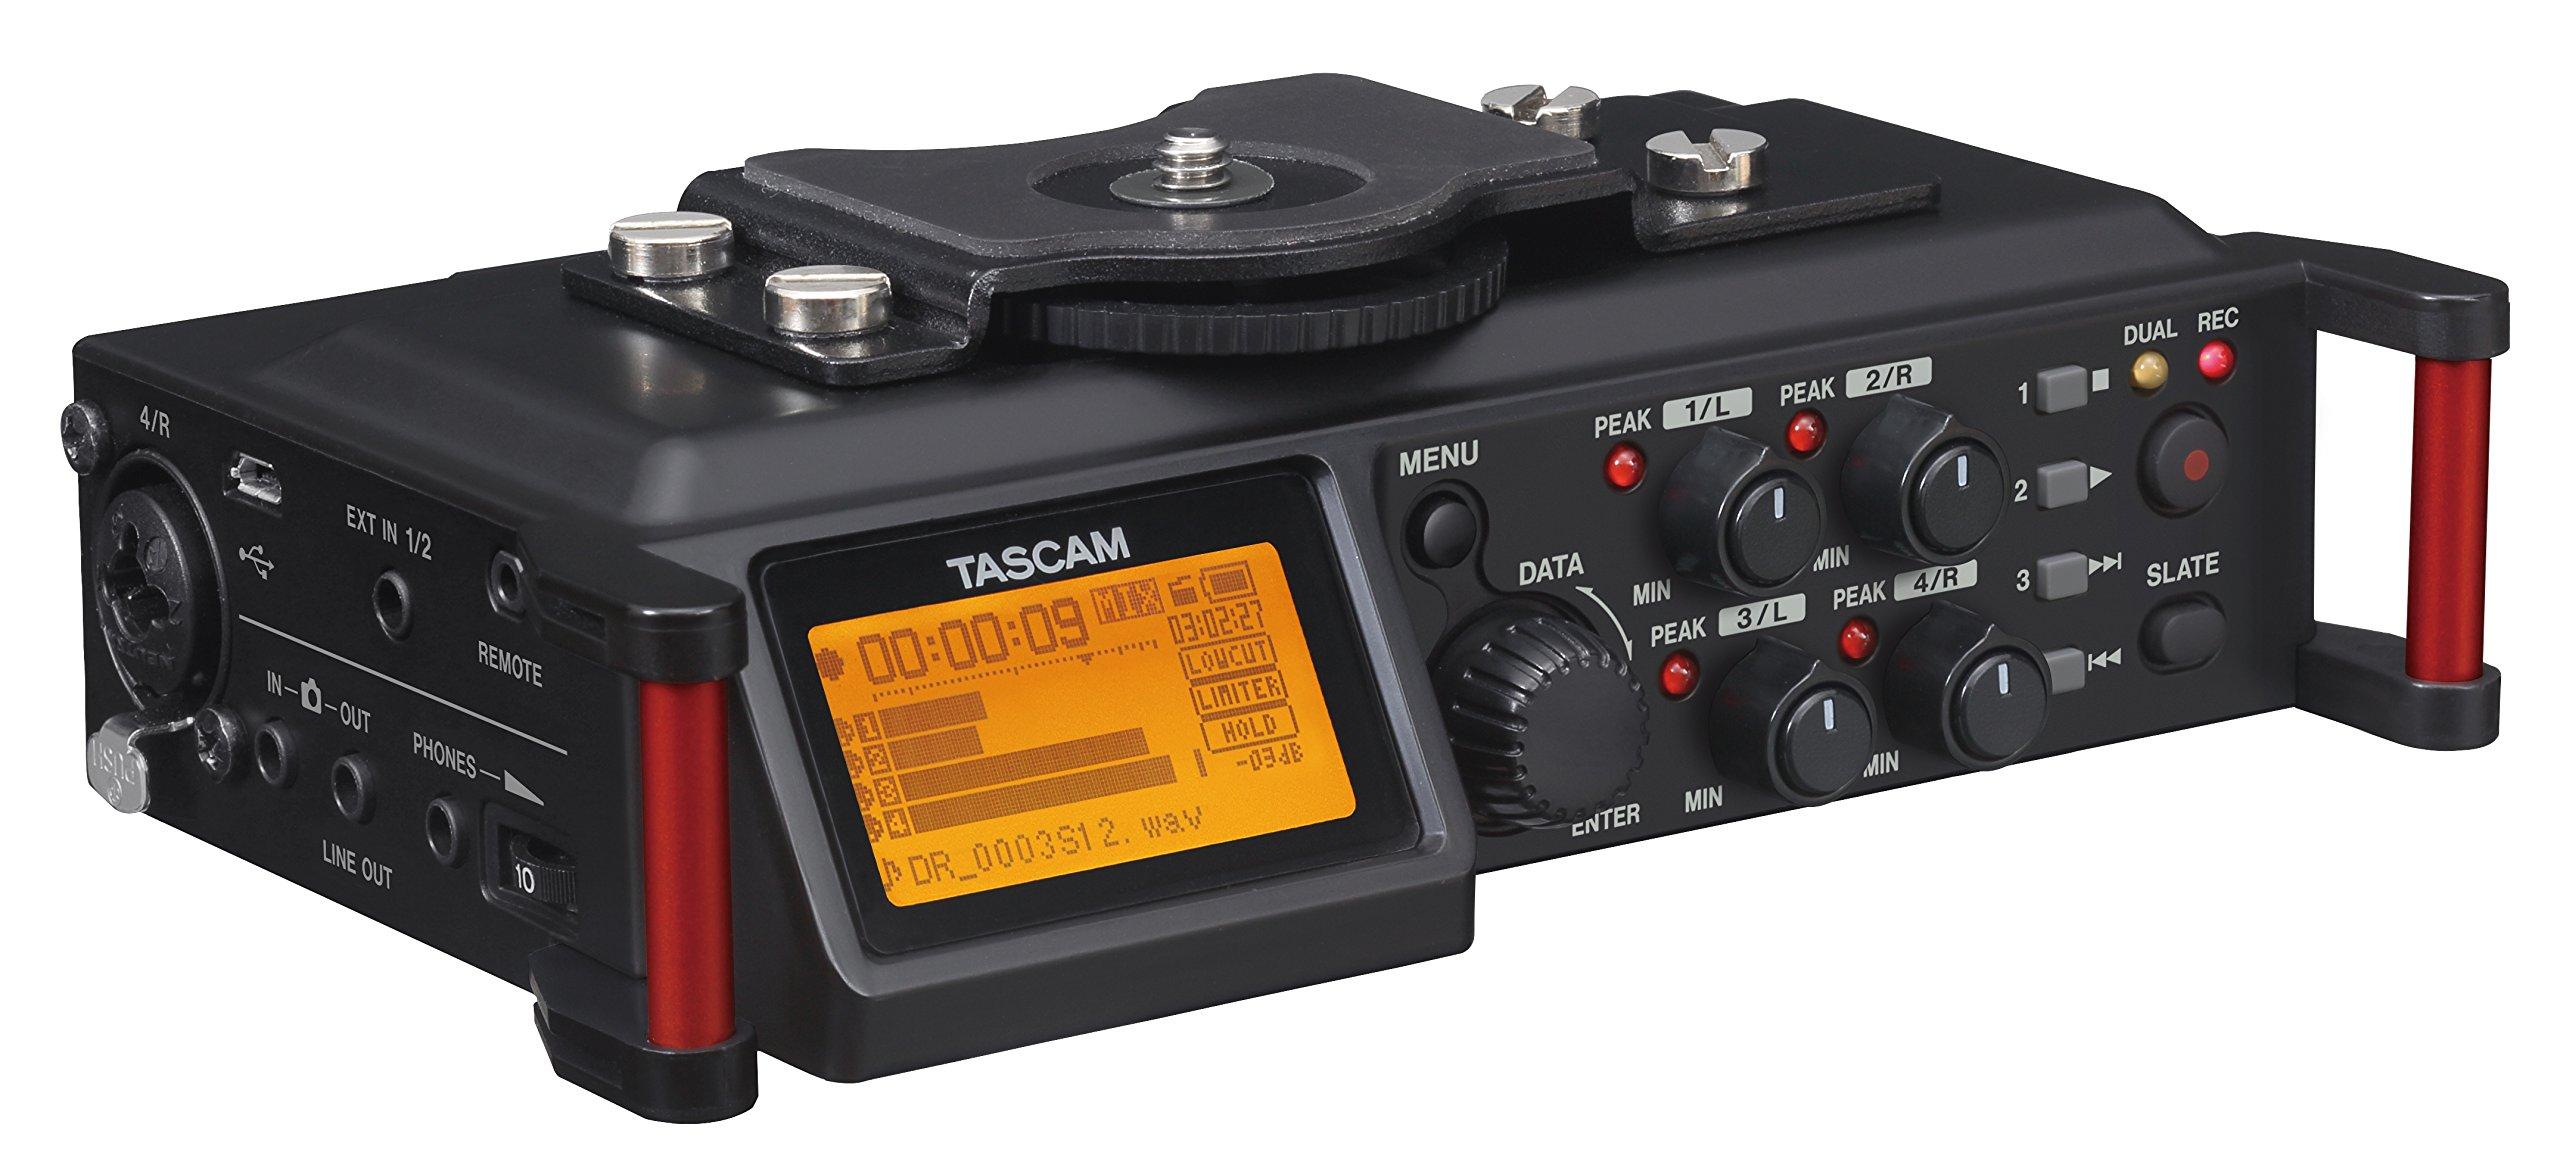 Tascam DR-70D – Enregistreur audio 4 pistes pour appareils reflex numériques (DSLR)